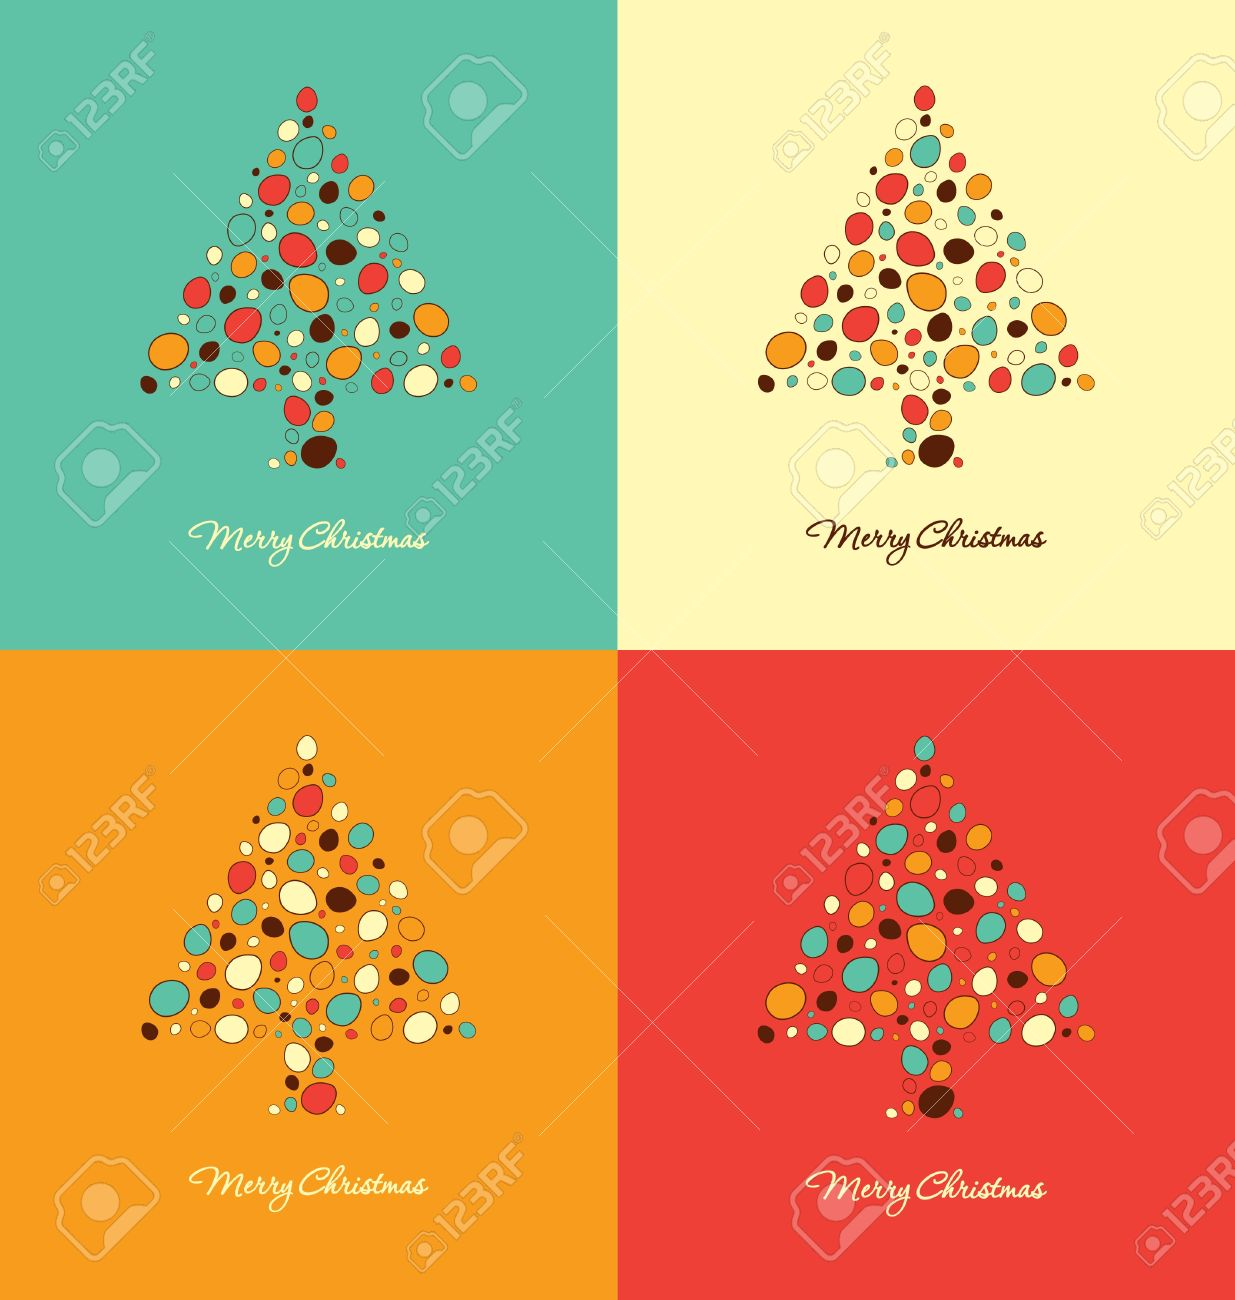 Christmas Card Clipart Templates.